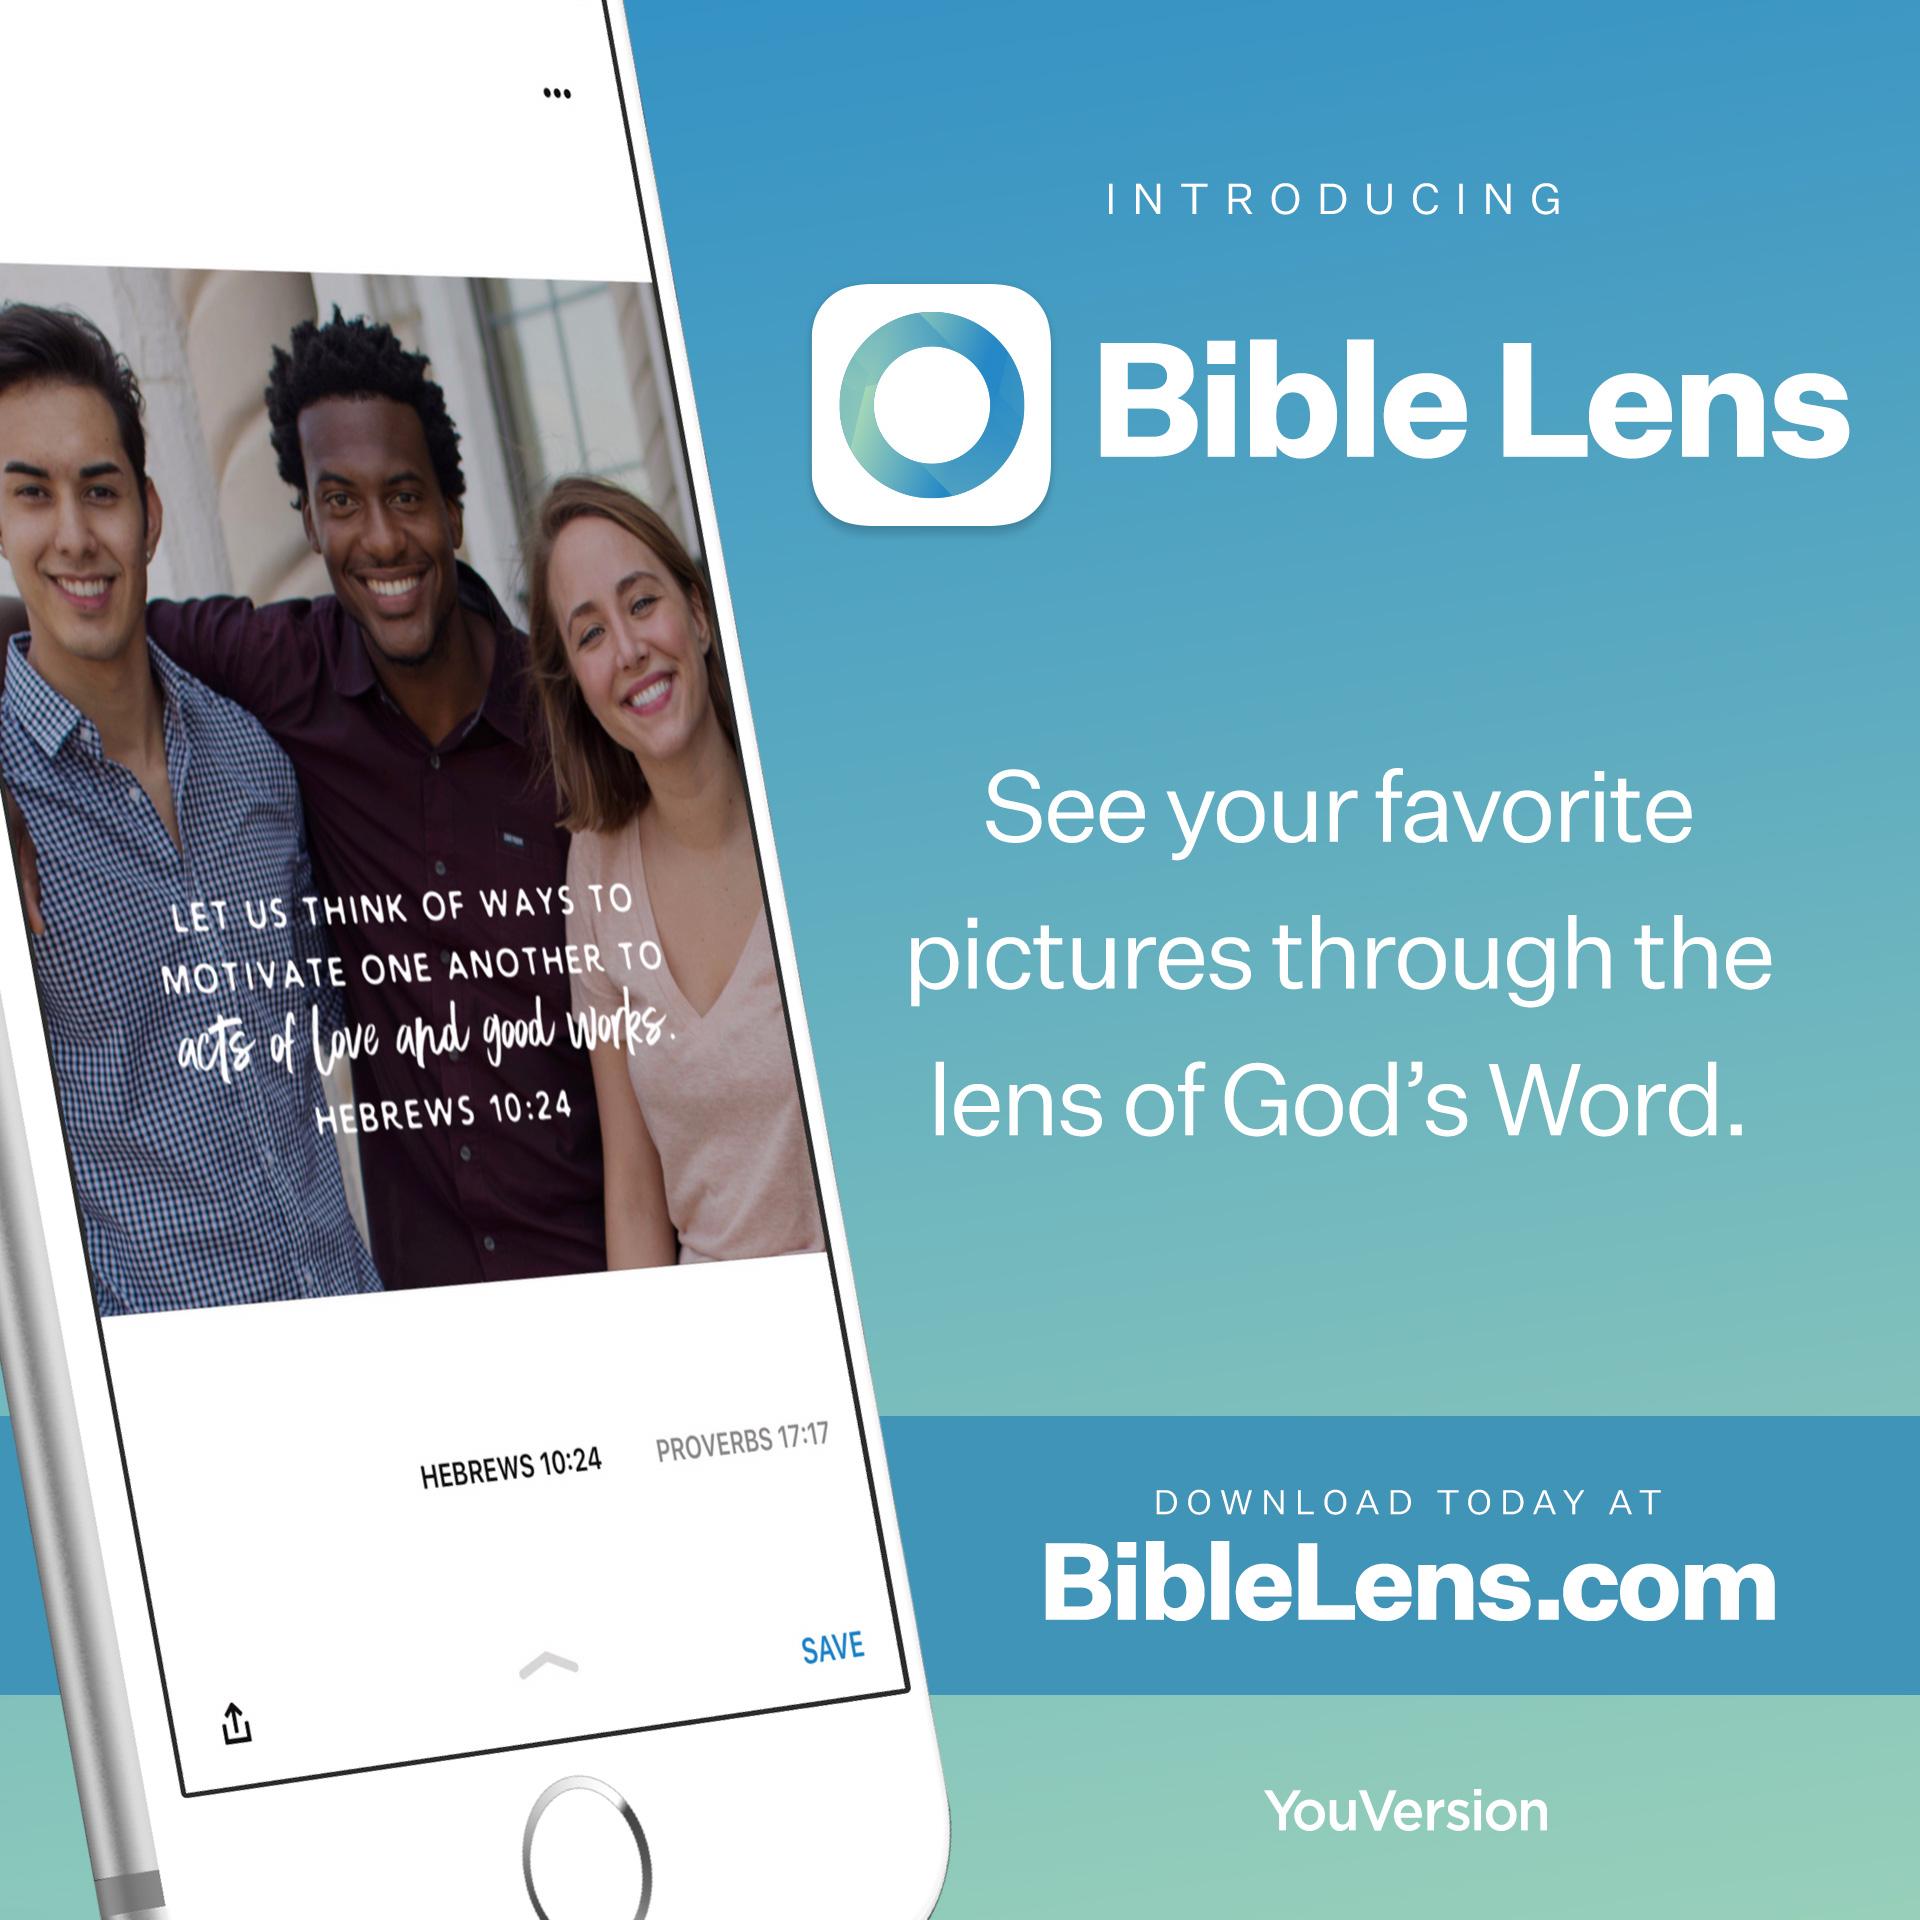 Introducing Bible Lens